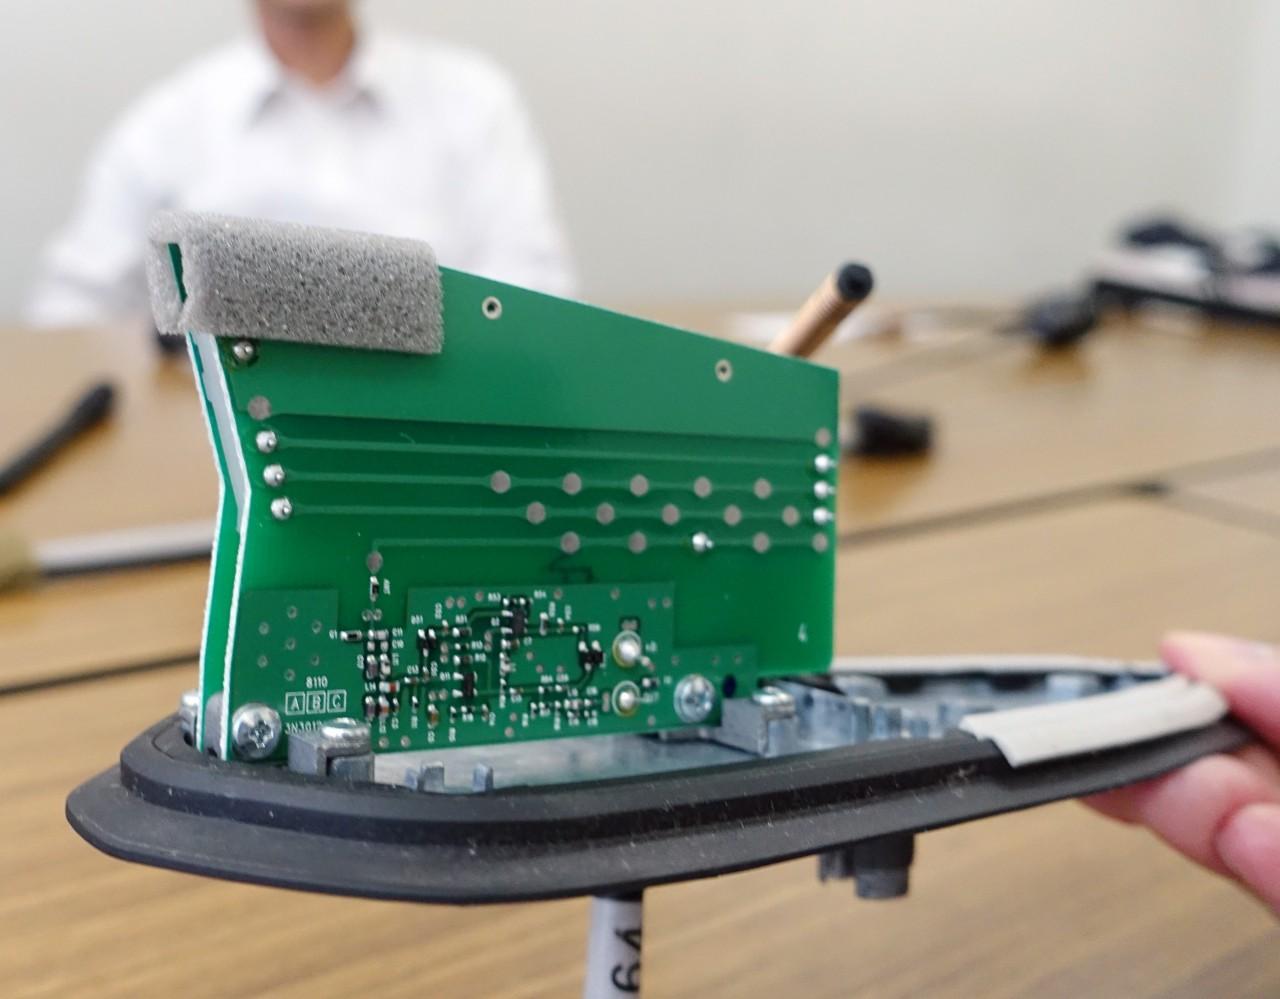 ɭ�動デザインを引き立てるアンテナとは Ͻ�シャークフィンアンテナ開発にかけるエンジニアの想い À�mazda】マツダ